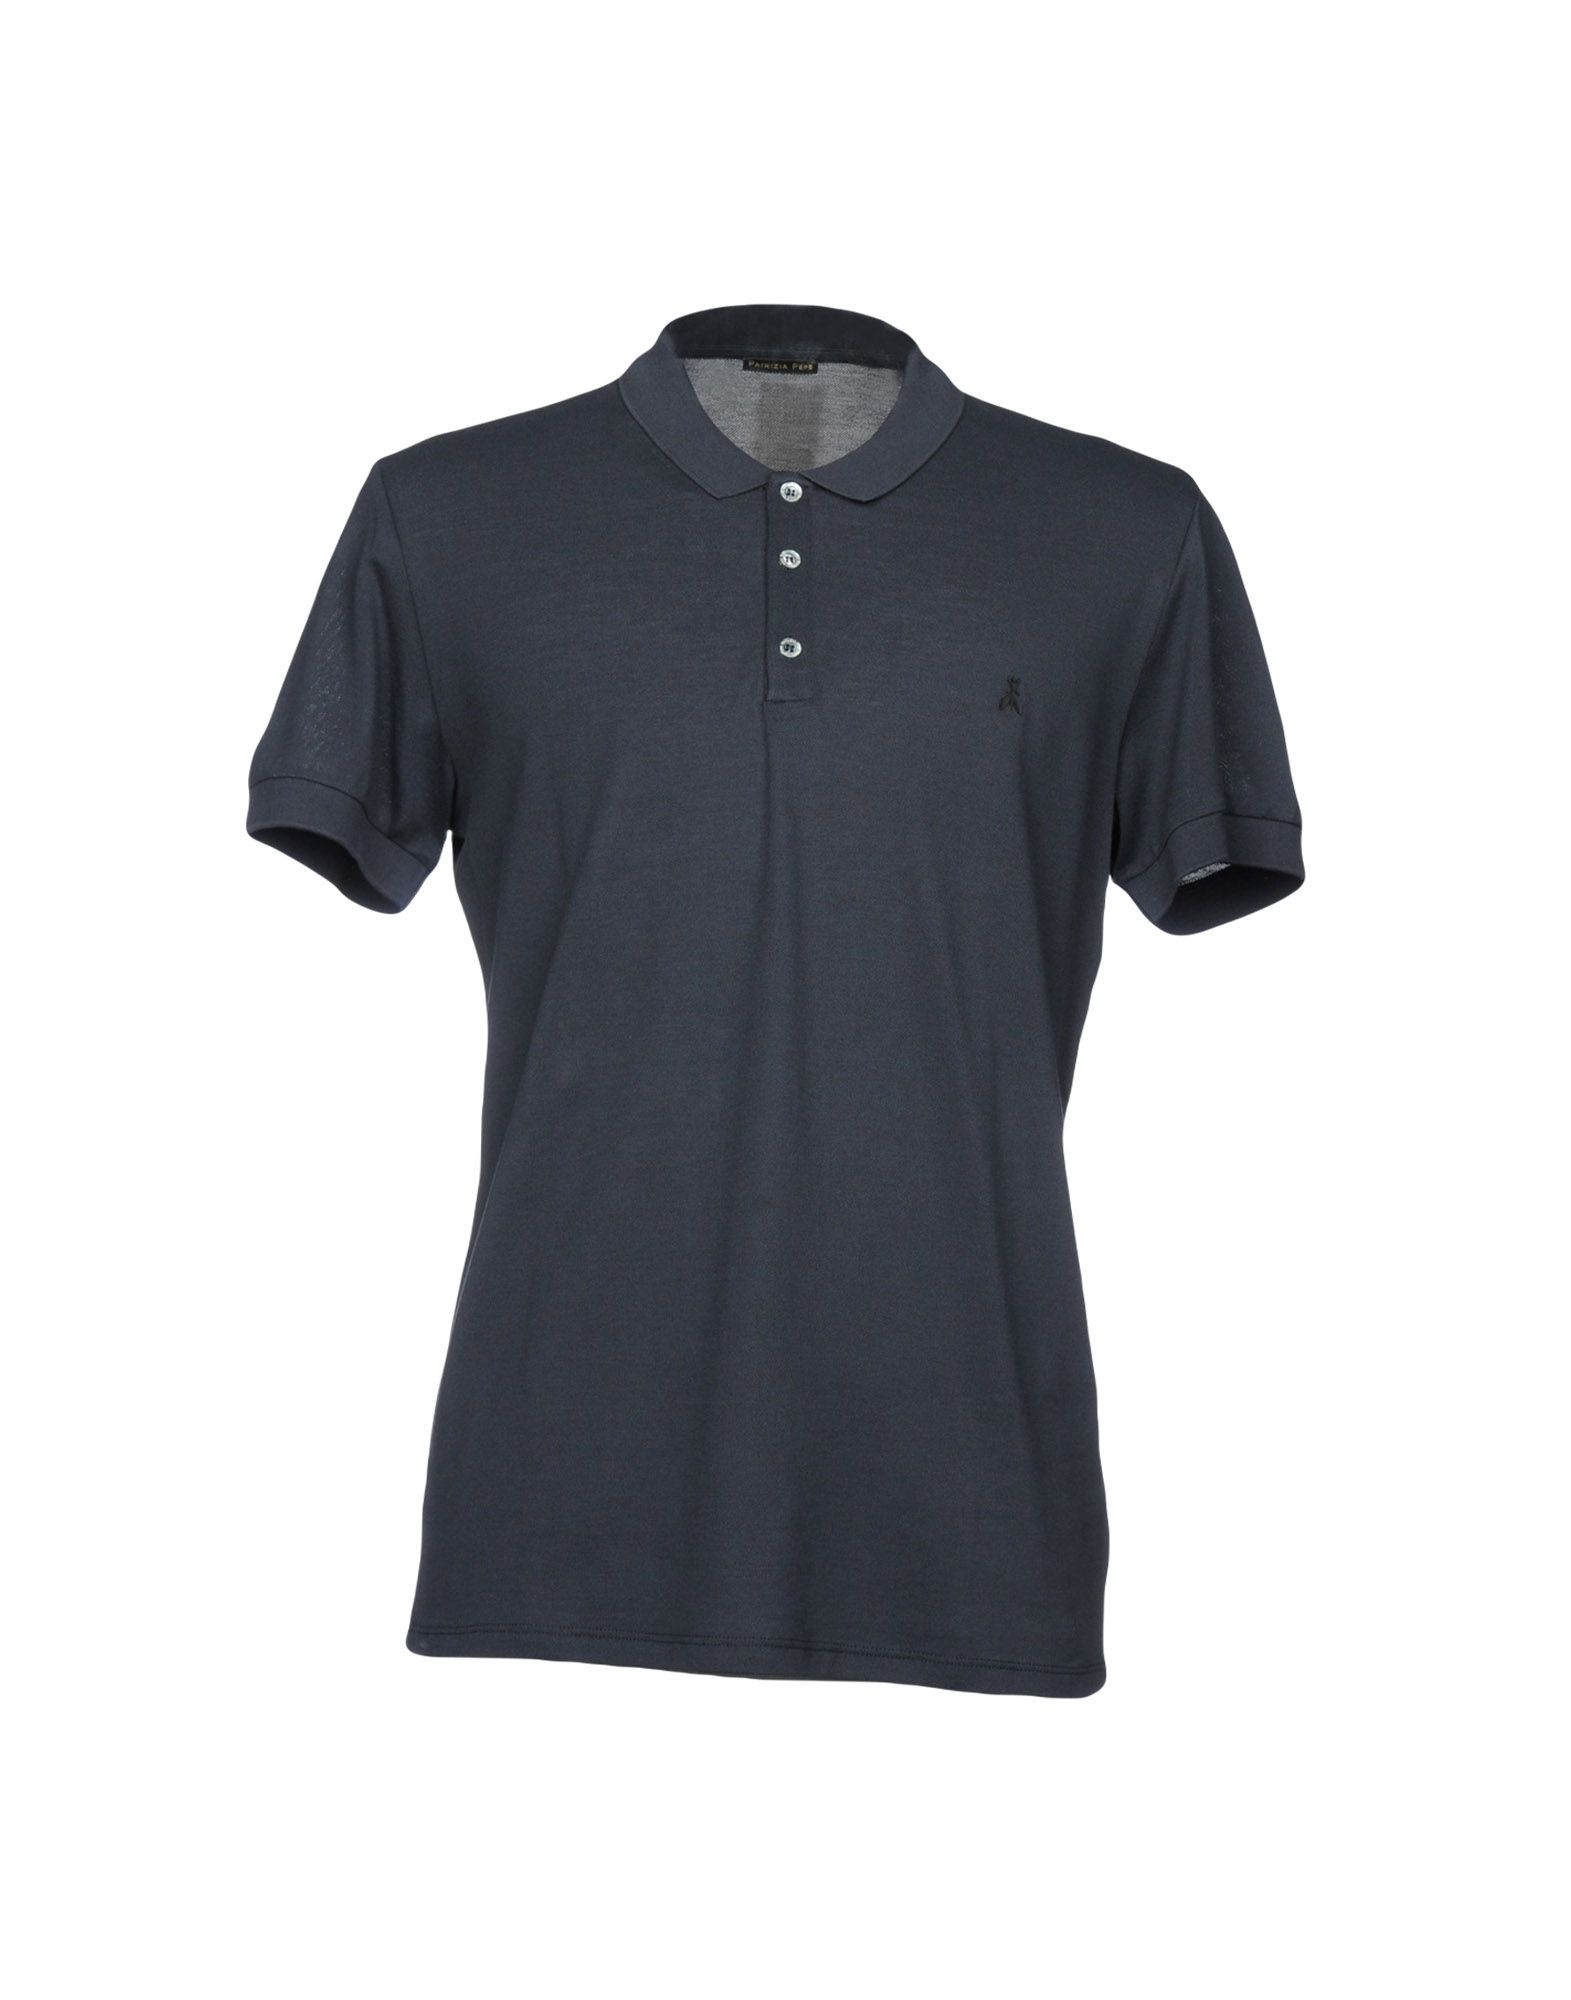 《送料無料》PATRIZIA PEPE メンズ ポロシャツ ダークブルー M コットン 100%